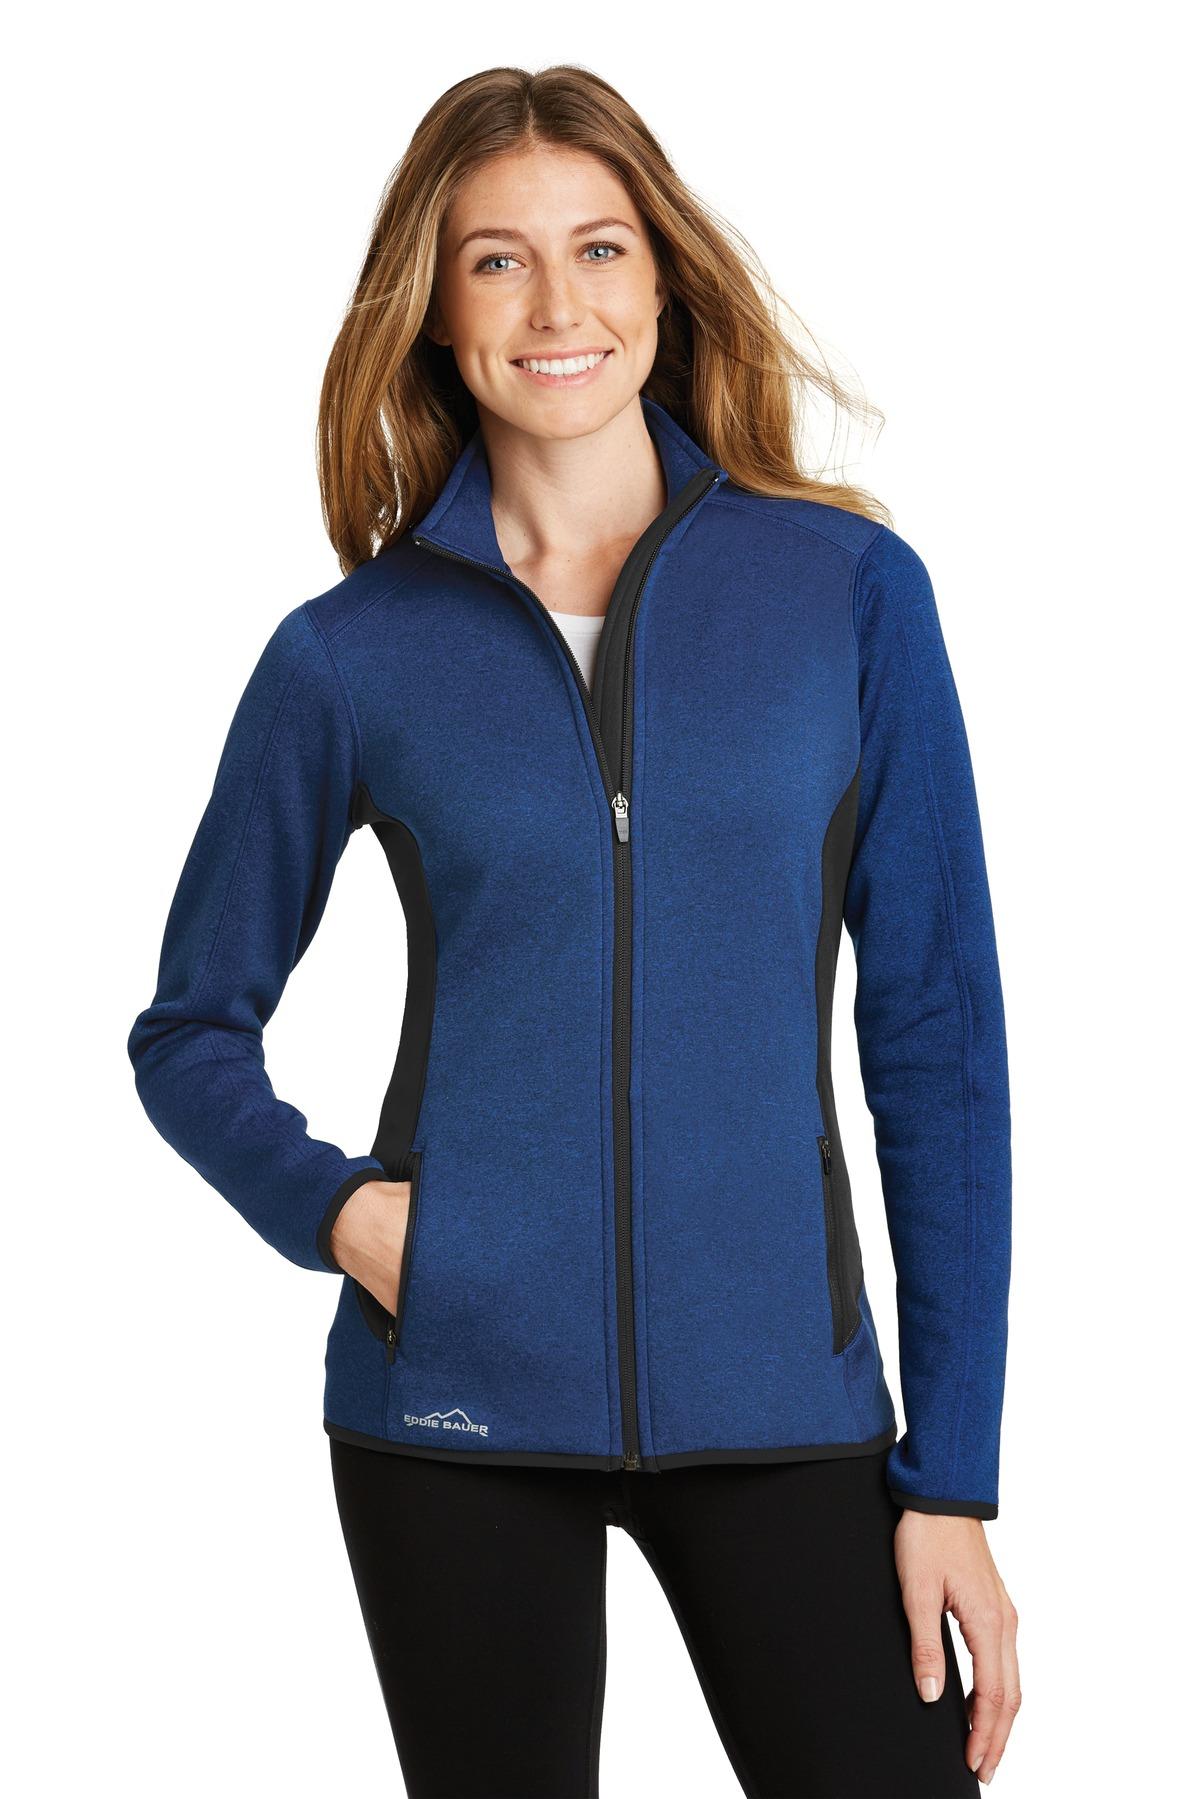 Eddie Bauer® Ladies Full-Zip Heather Stretch Fleece Jacket.-Eddie Bauer